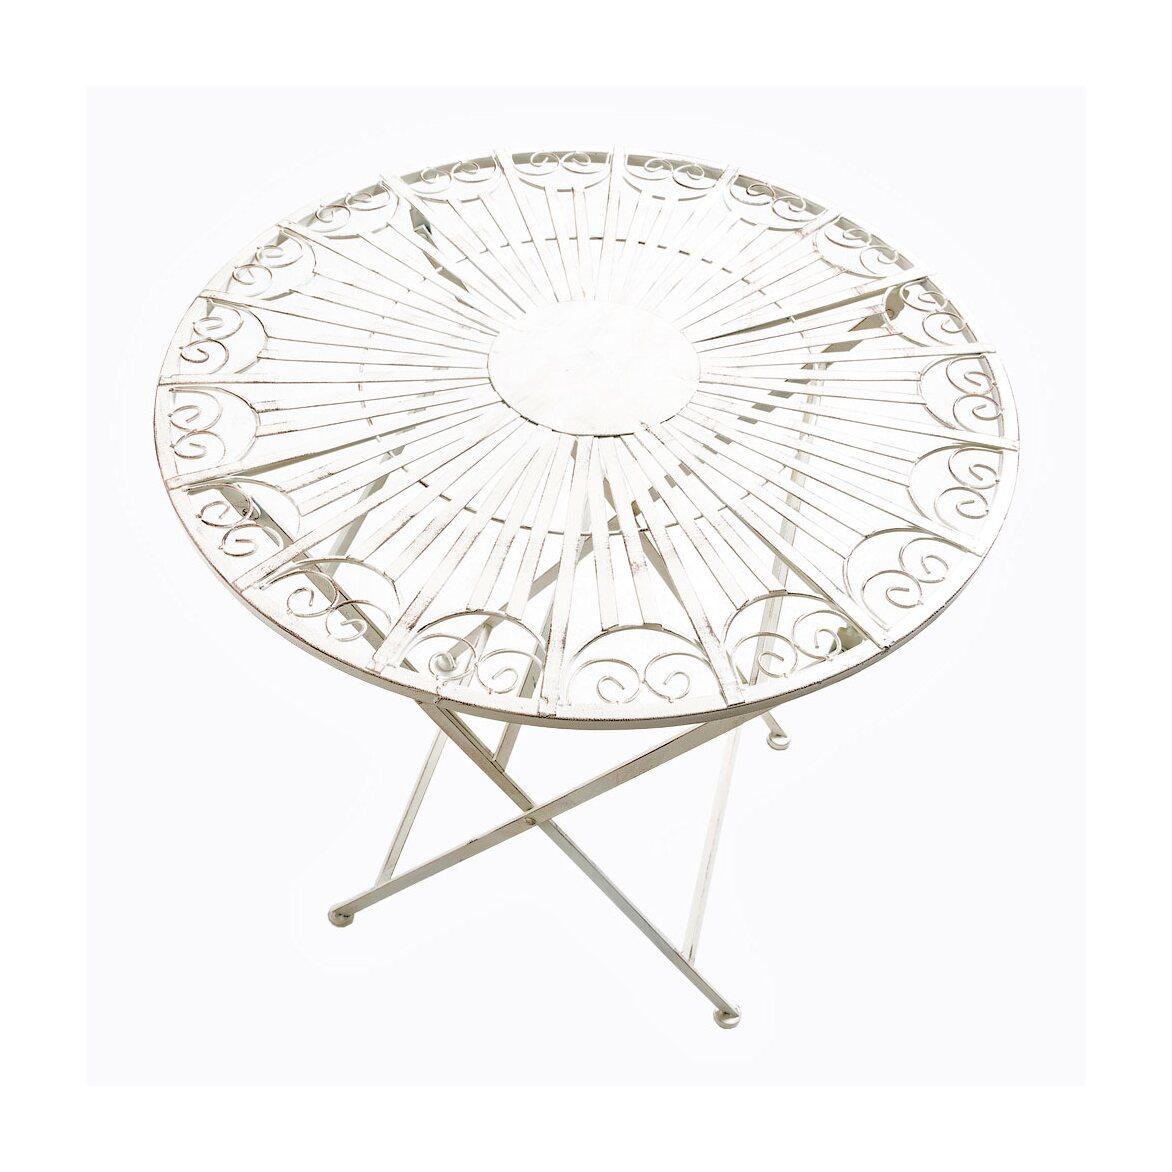 Складной столик для завтрака «Тюильри» (белый антик) | Кофейные столики Kingsby